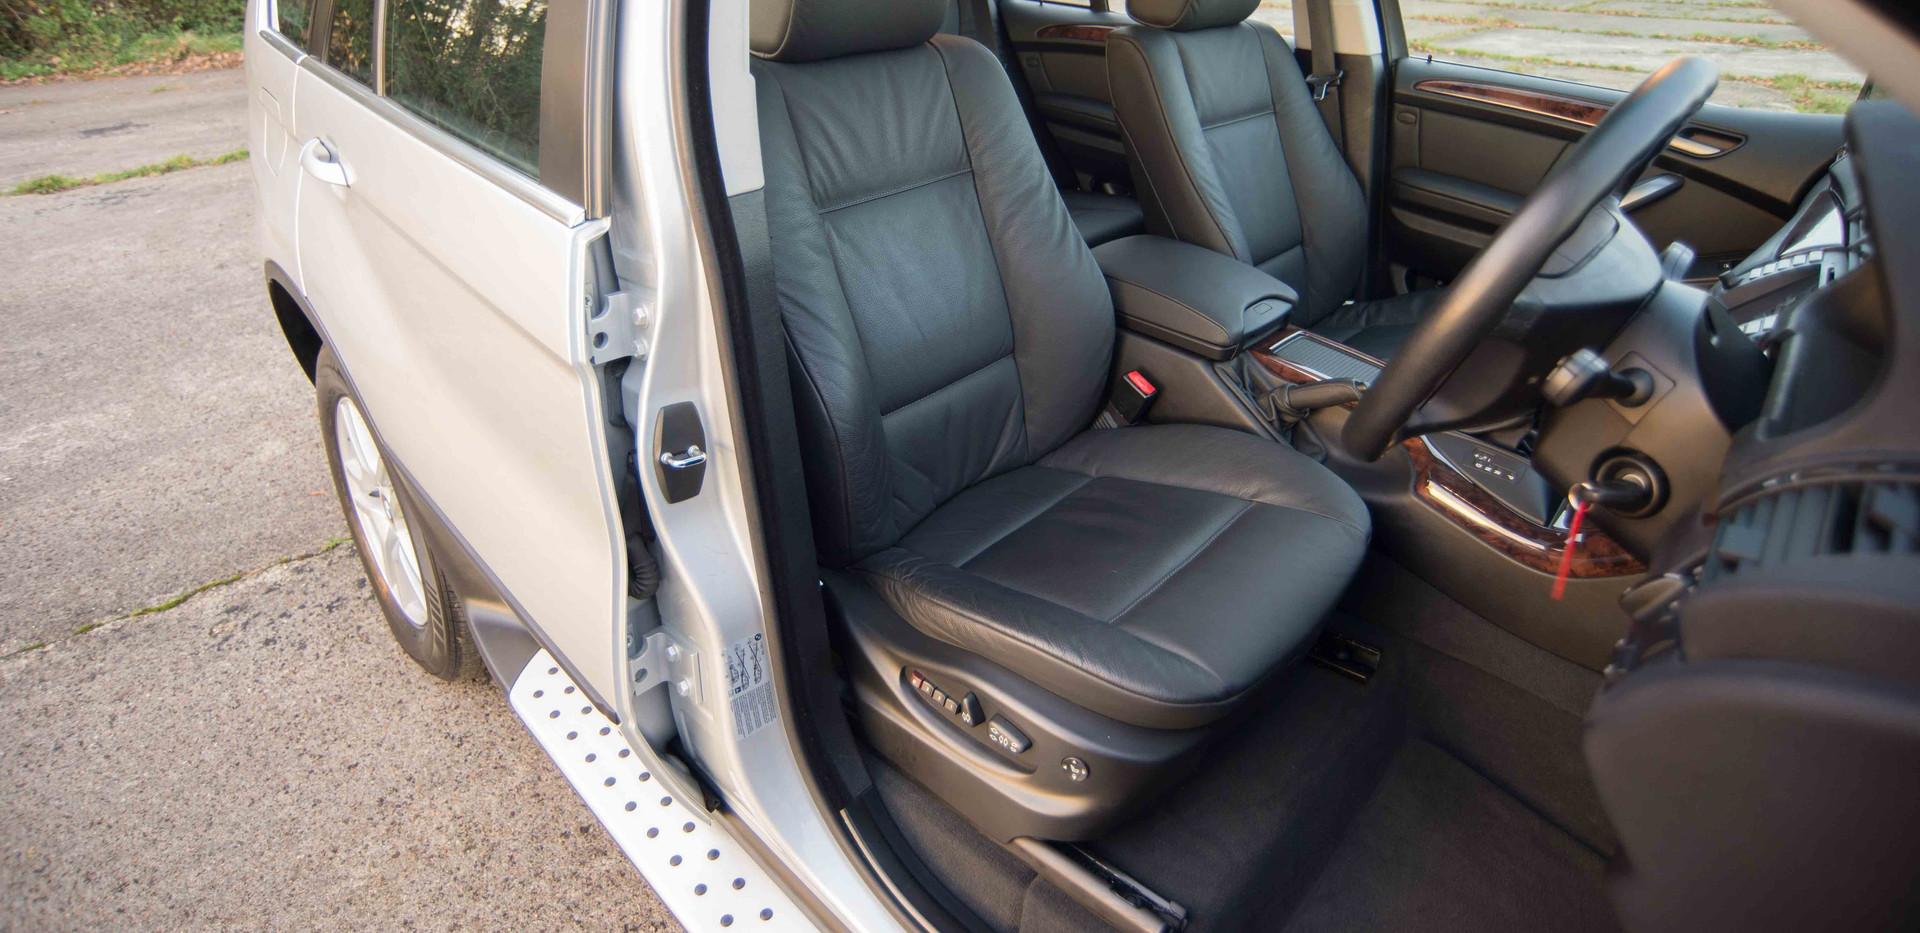 BMW E53 X5 4.4i For Sale UK London  (7 o